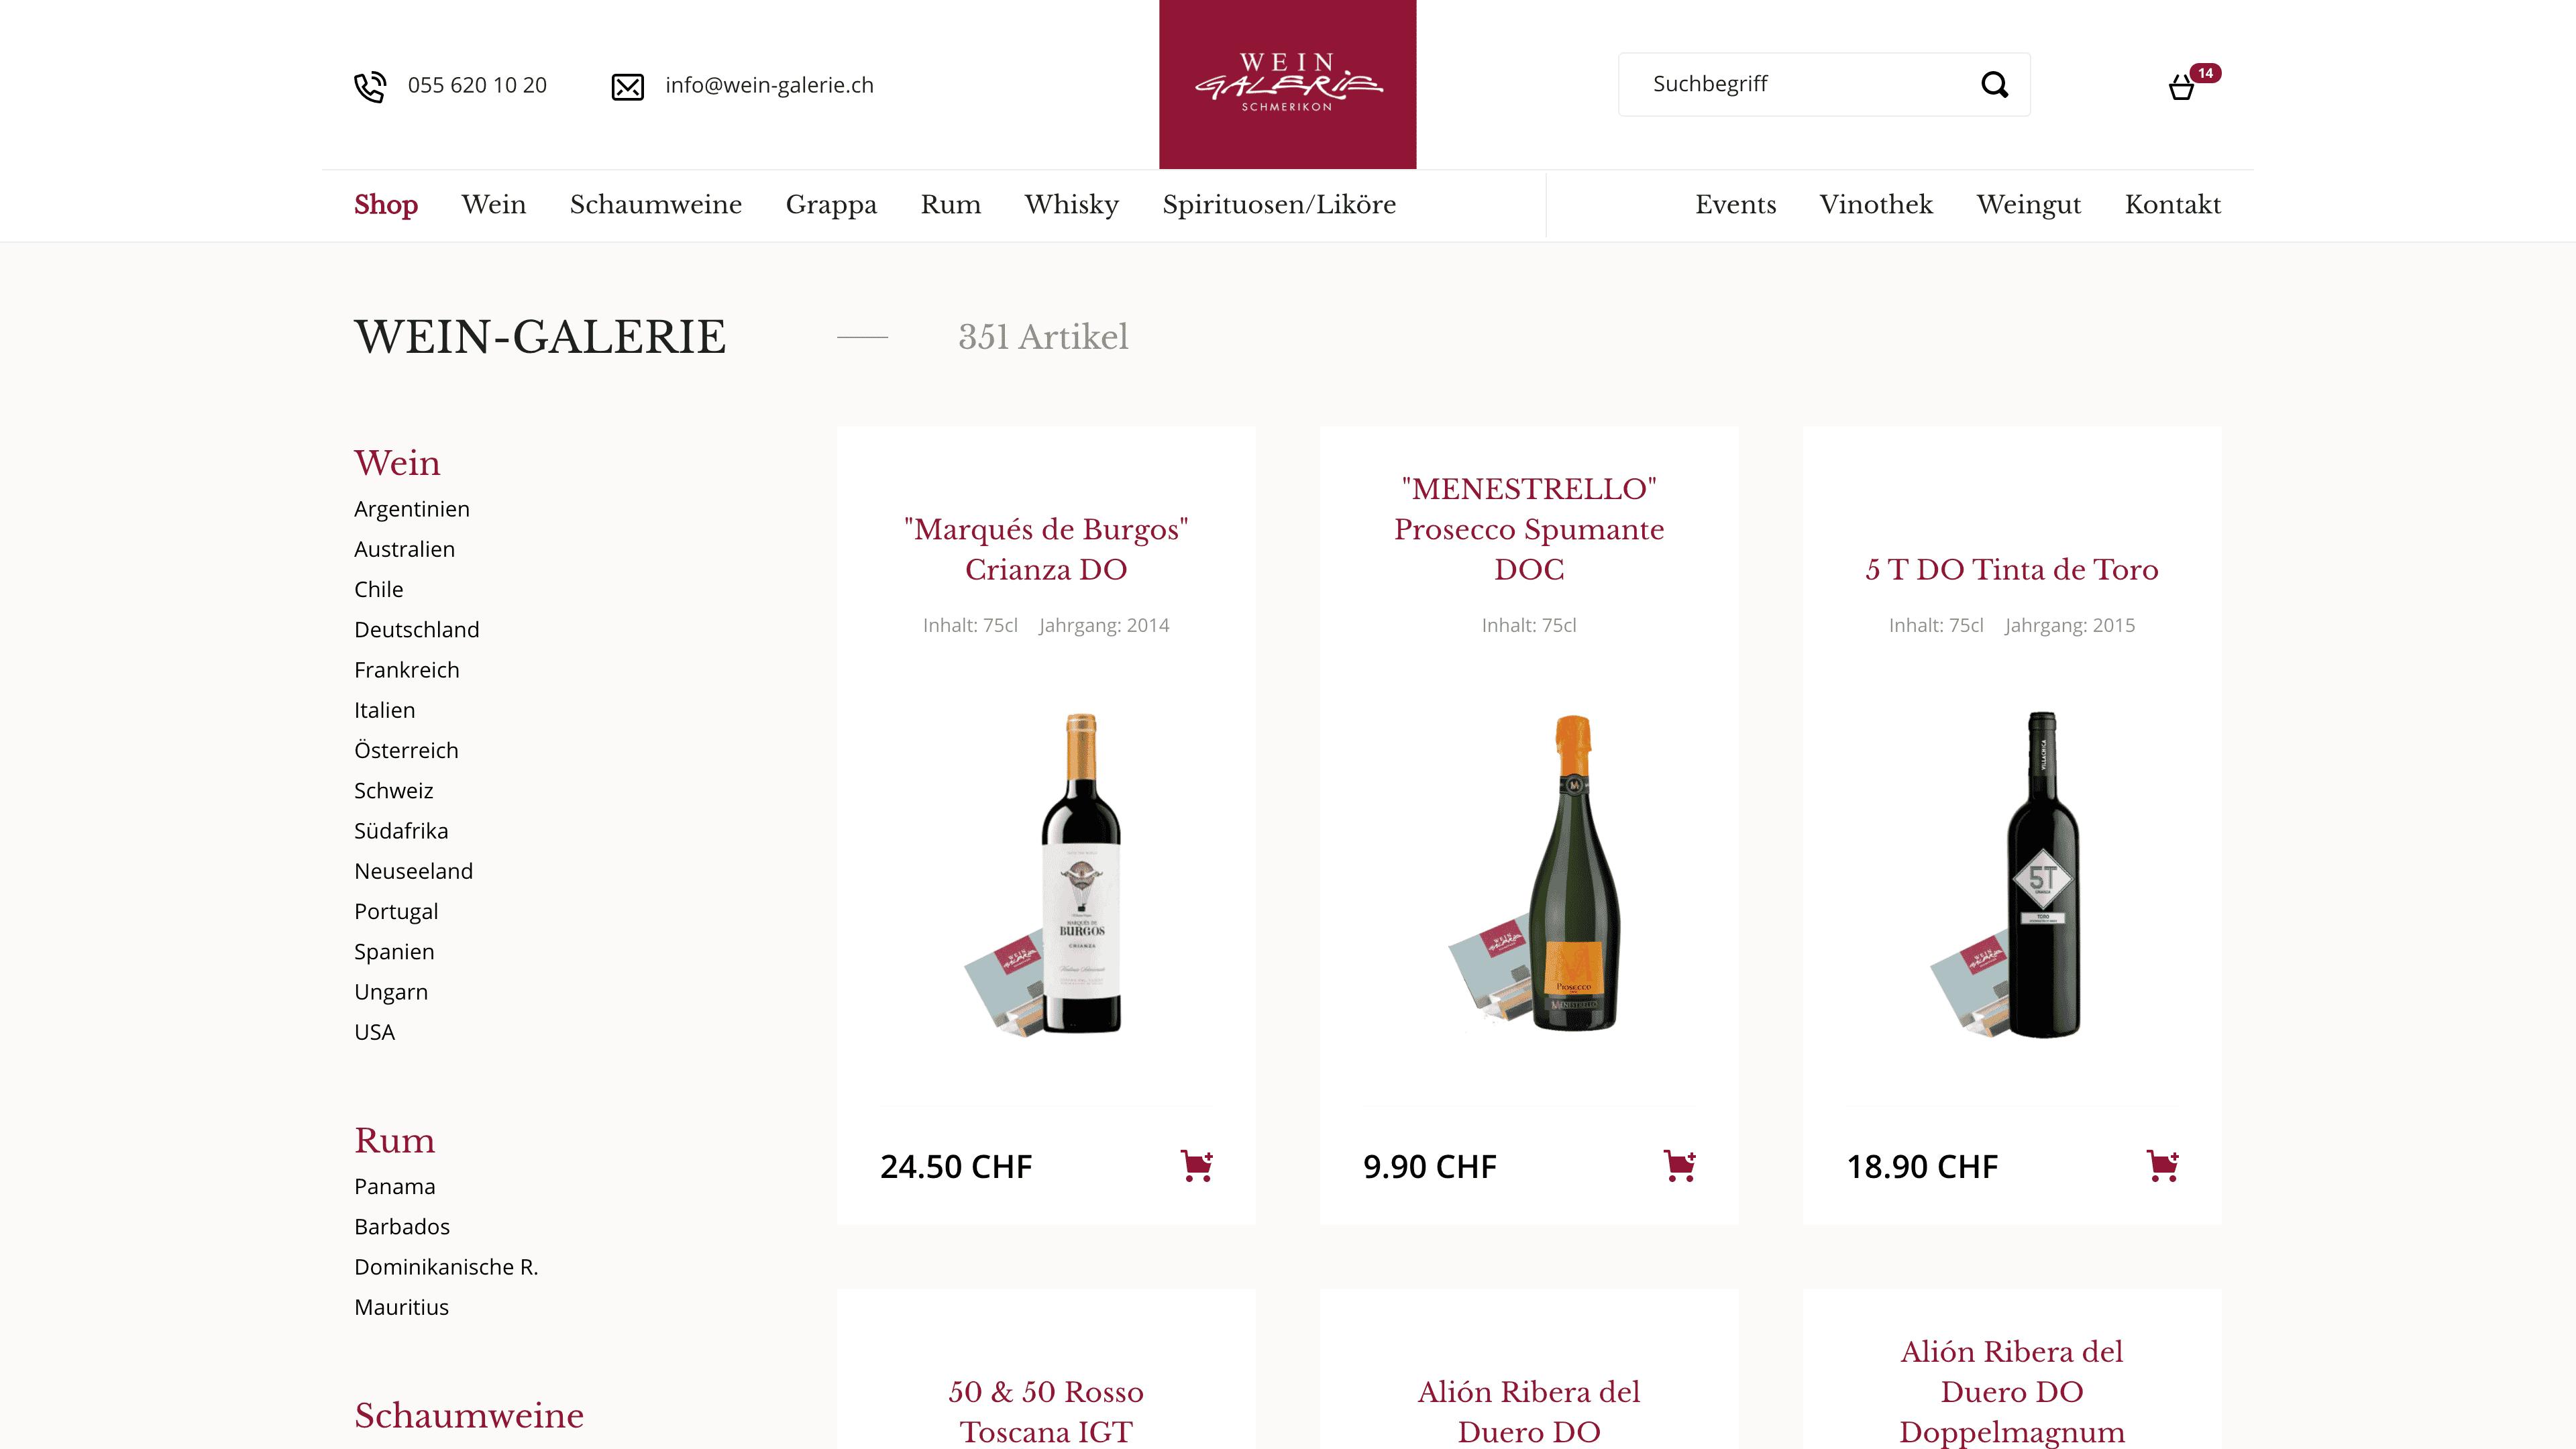 Wein Galerie Schmerikon - Webshop auf Wordpress mit WooCommerce - Webshop Übersicht